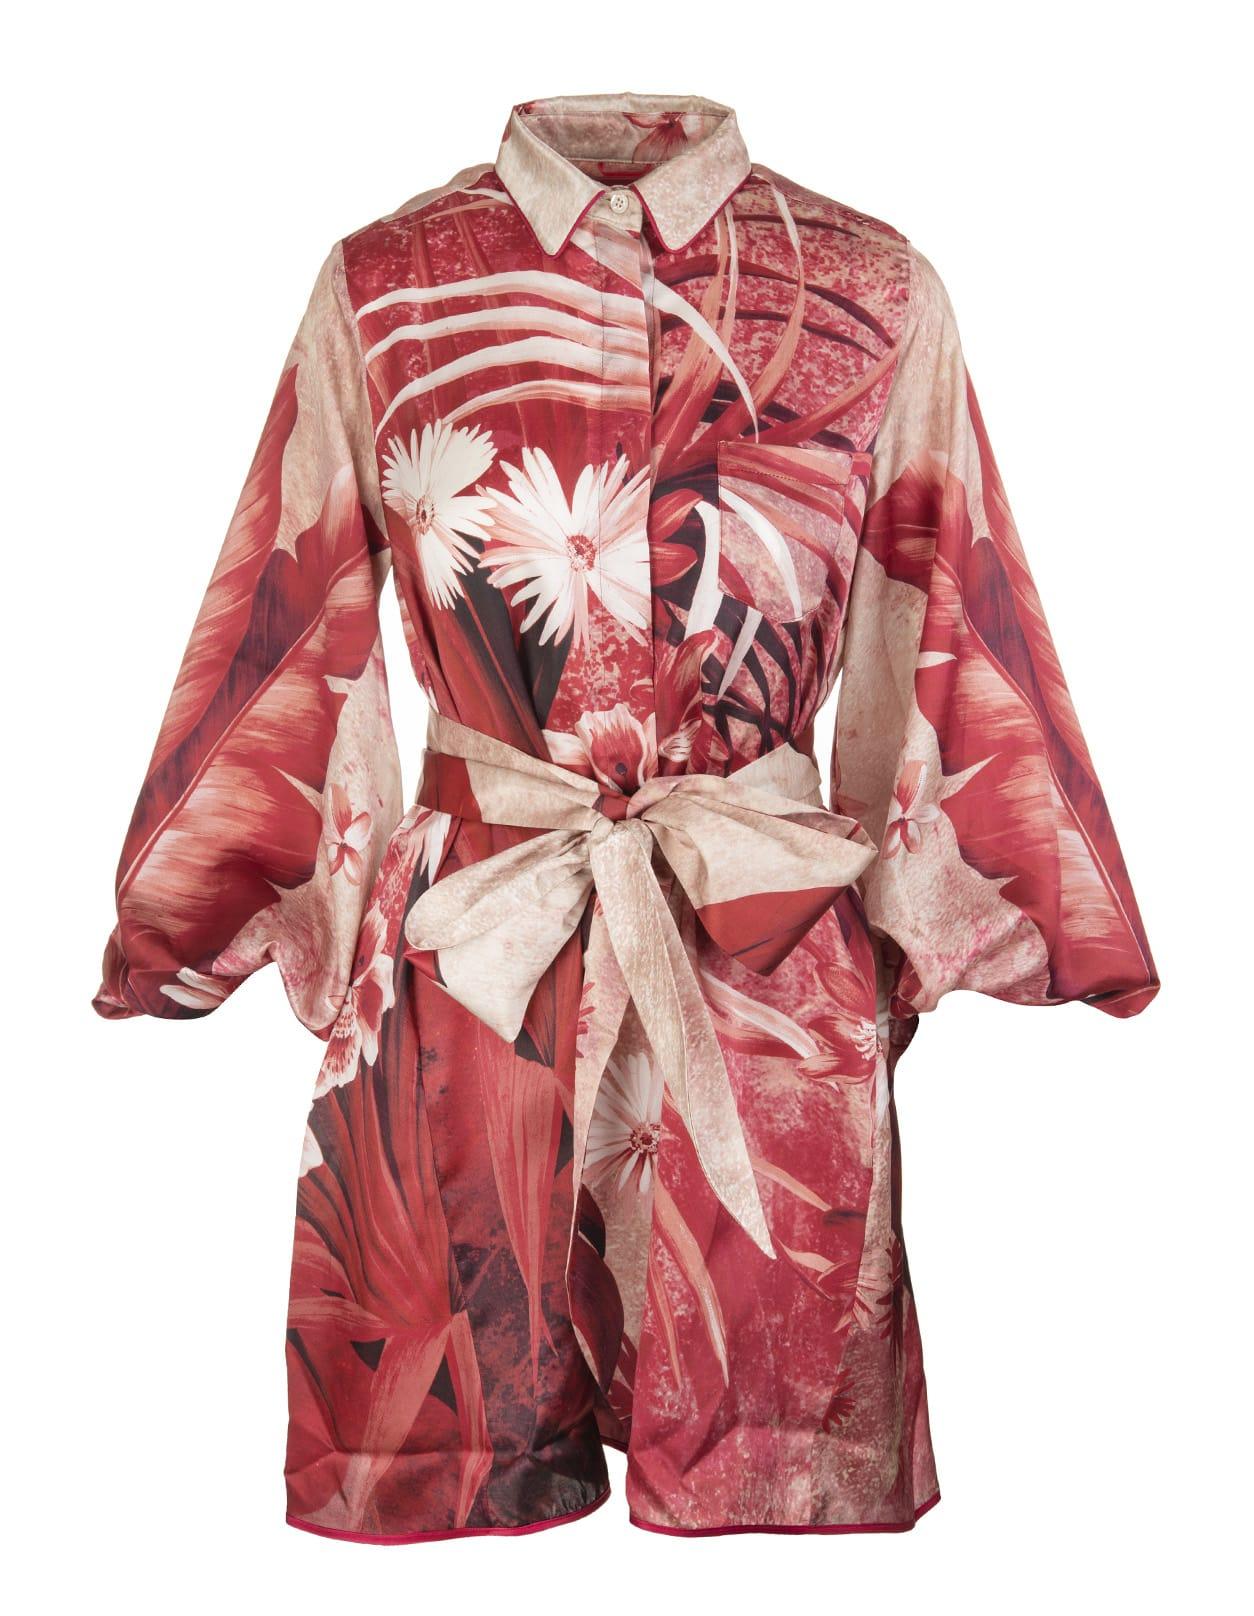 Red Archidemia Short Dress